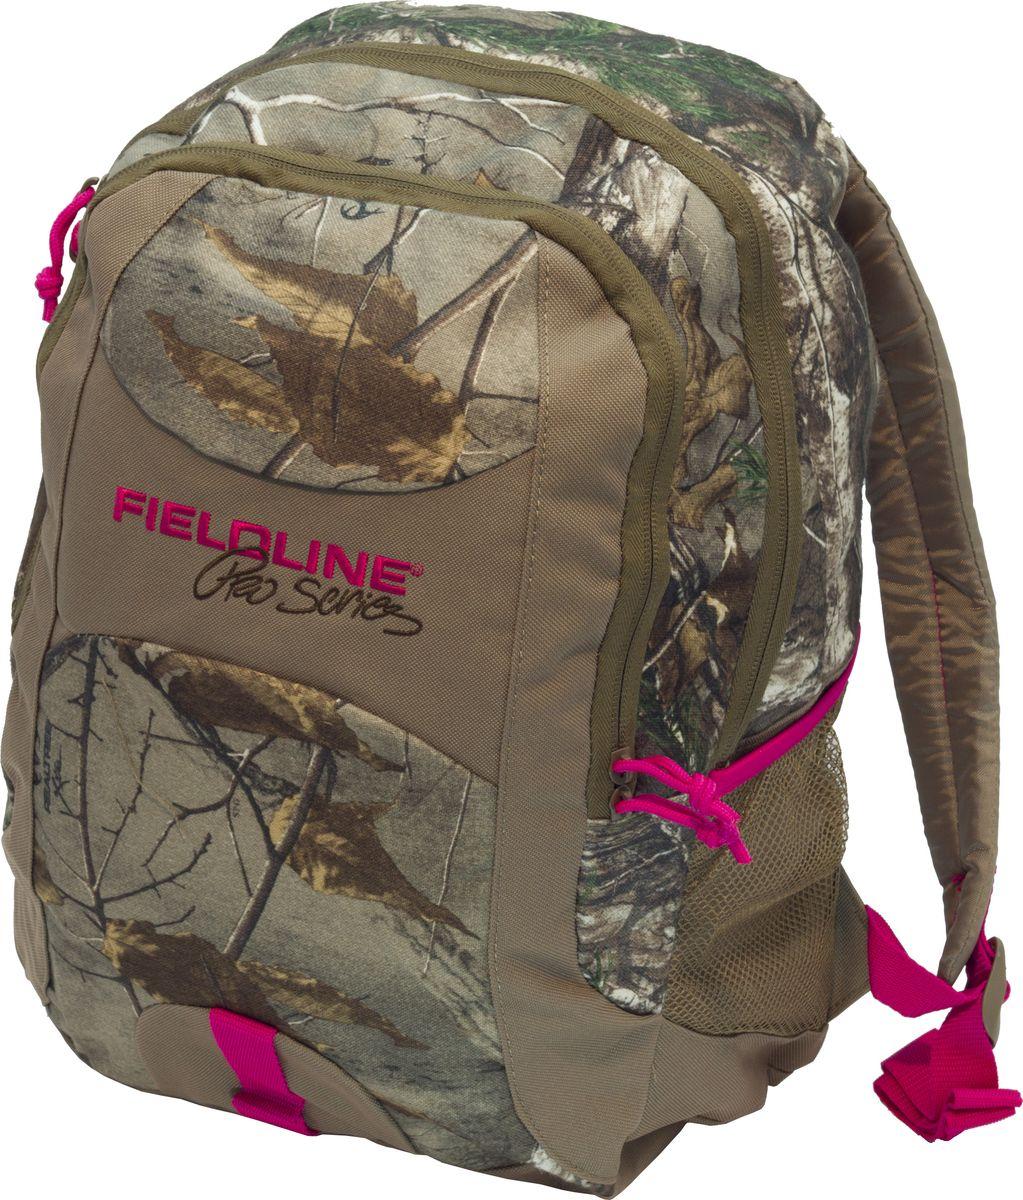 Рюкзак для охоты Fieldline Womens Matador Back Pack, цвет: камуфляж, светло-коричневый20968609237Женский рюкзак, для охоты, туризма, путешествий. Снабжен фронтальным карманом с органайзером, боковым карманом для питьевой бутылки. Мягкая спина иY образные плечевые ремни.